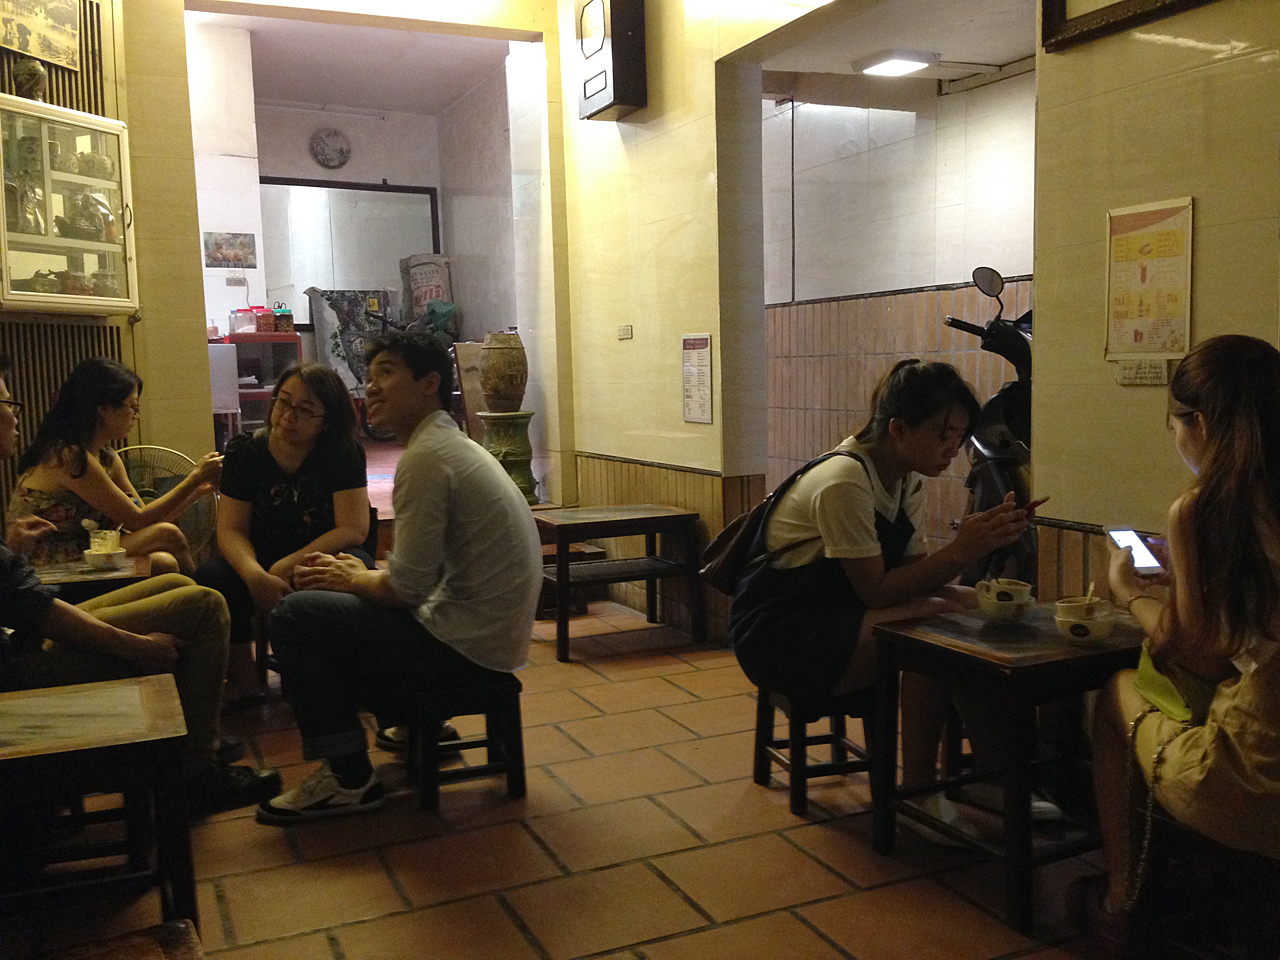 베트남 여행, 어떤 커피 사와야 하나요? - 오마이뉴스